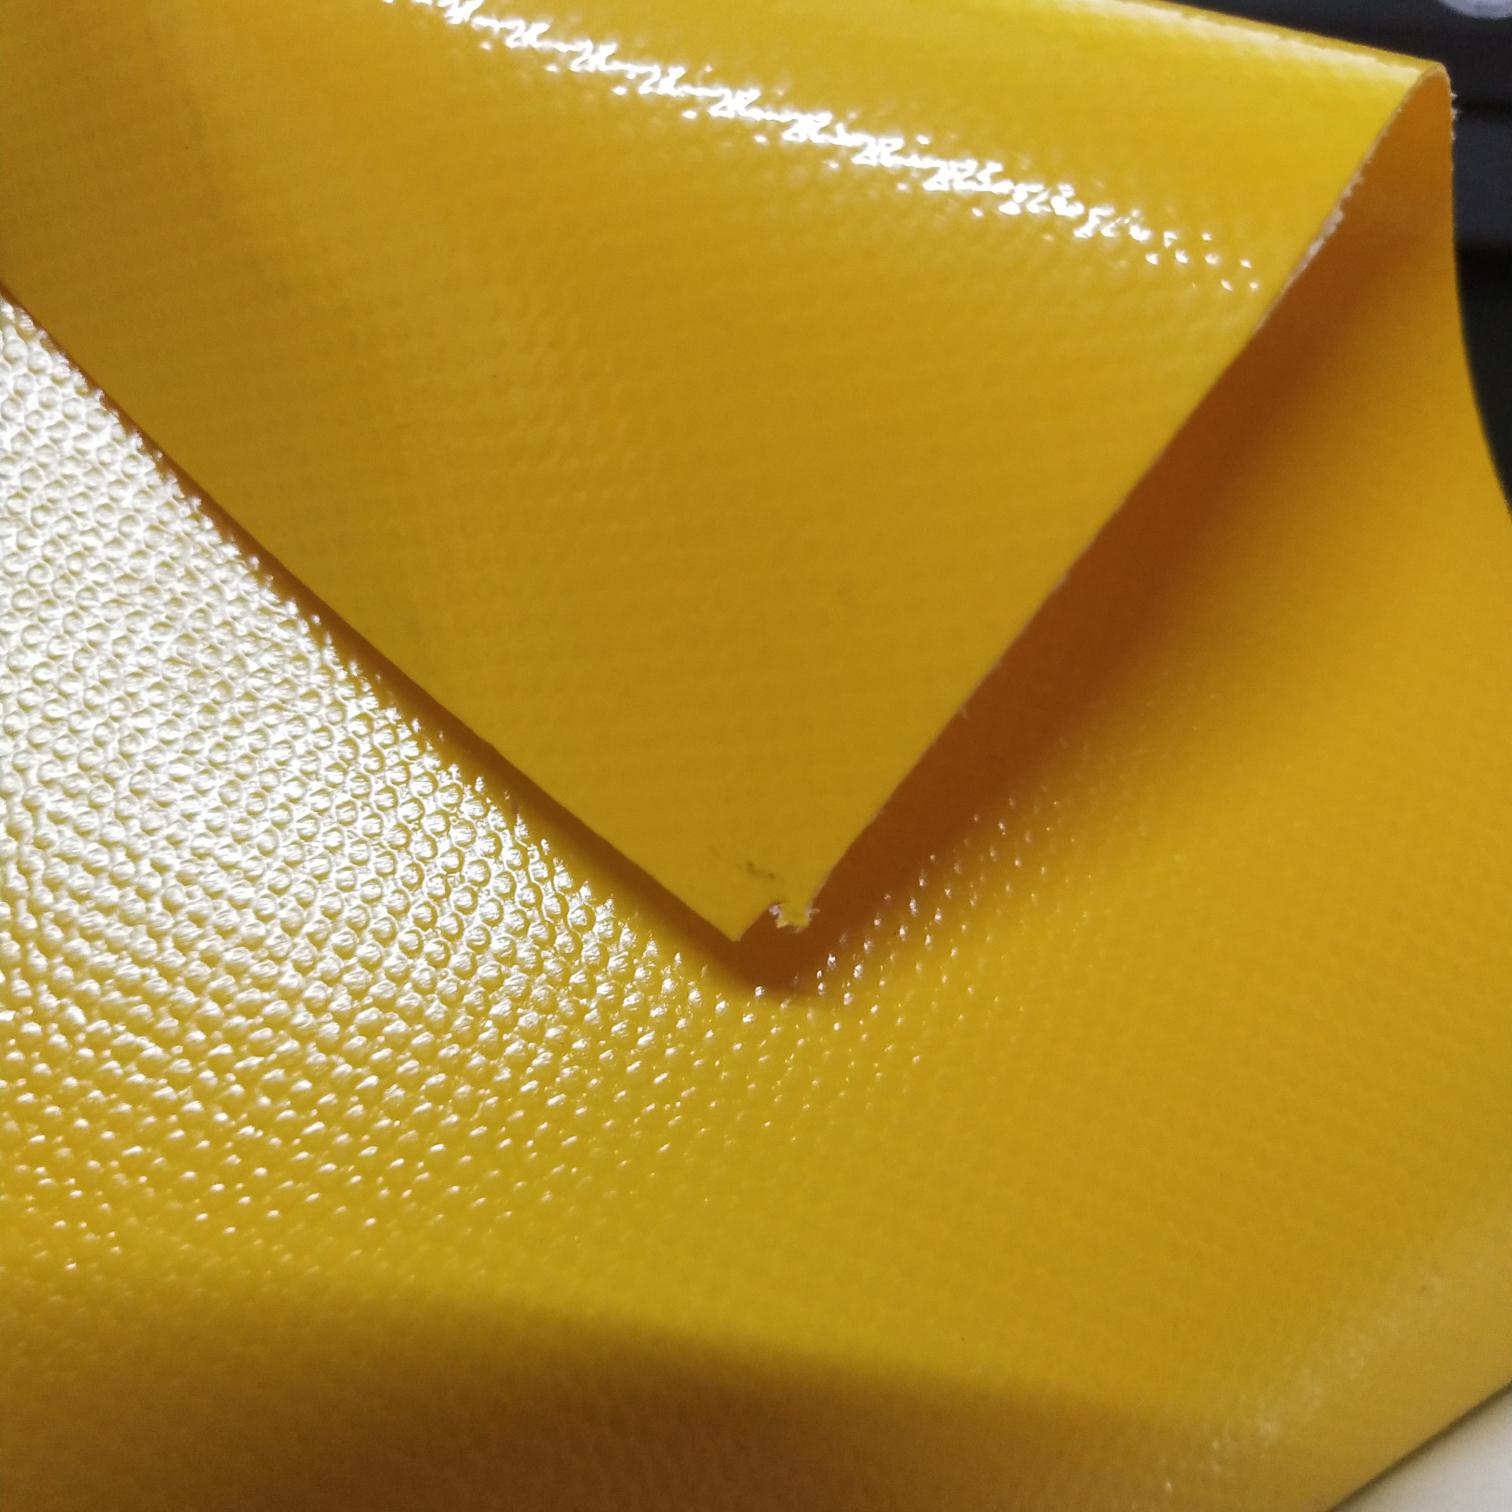 优质光面黄色PVC夹网布  箱包布  各种体操垫  各种箱包袋专用面料